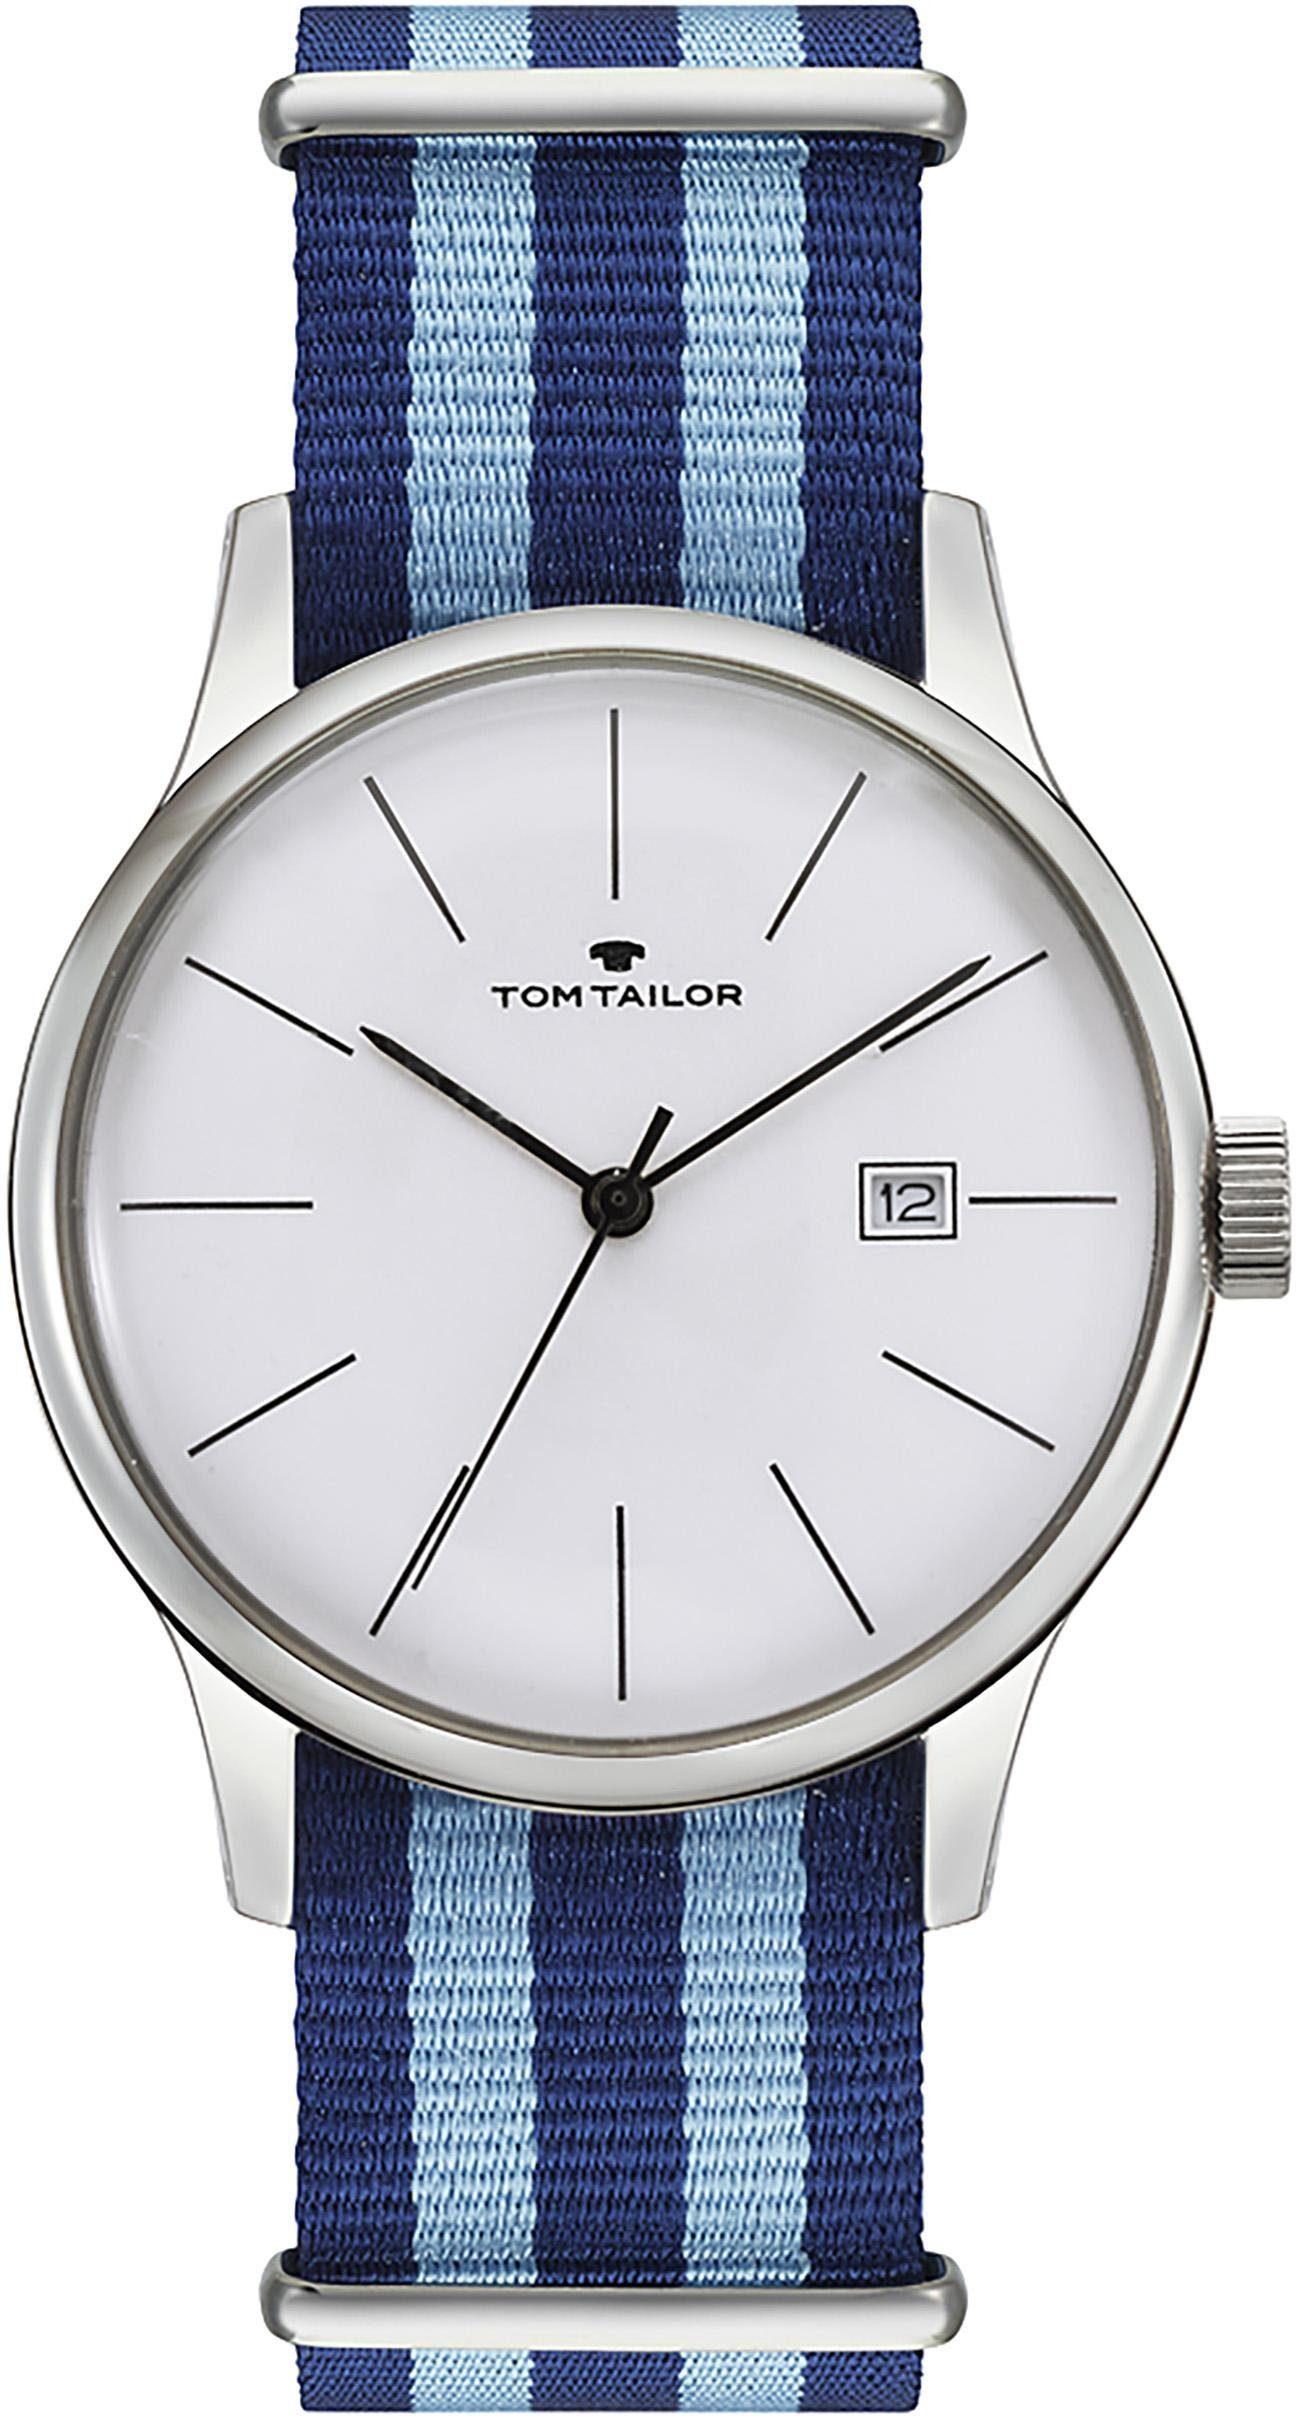 Tom Tailor Quarzuhr »5415102«